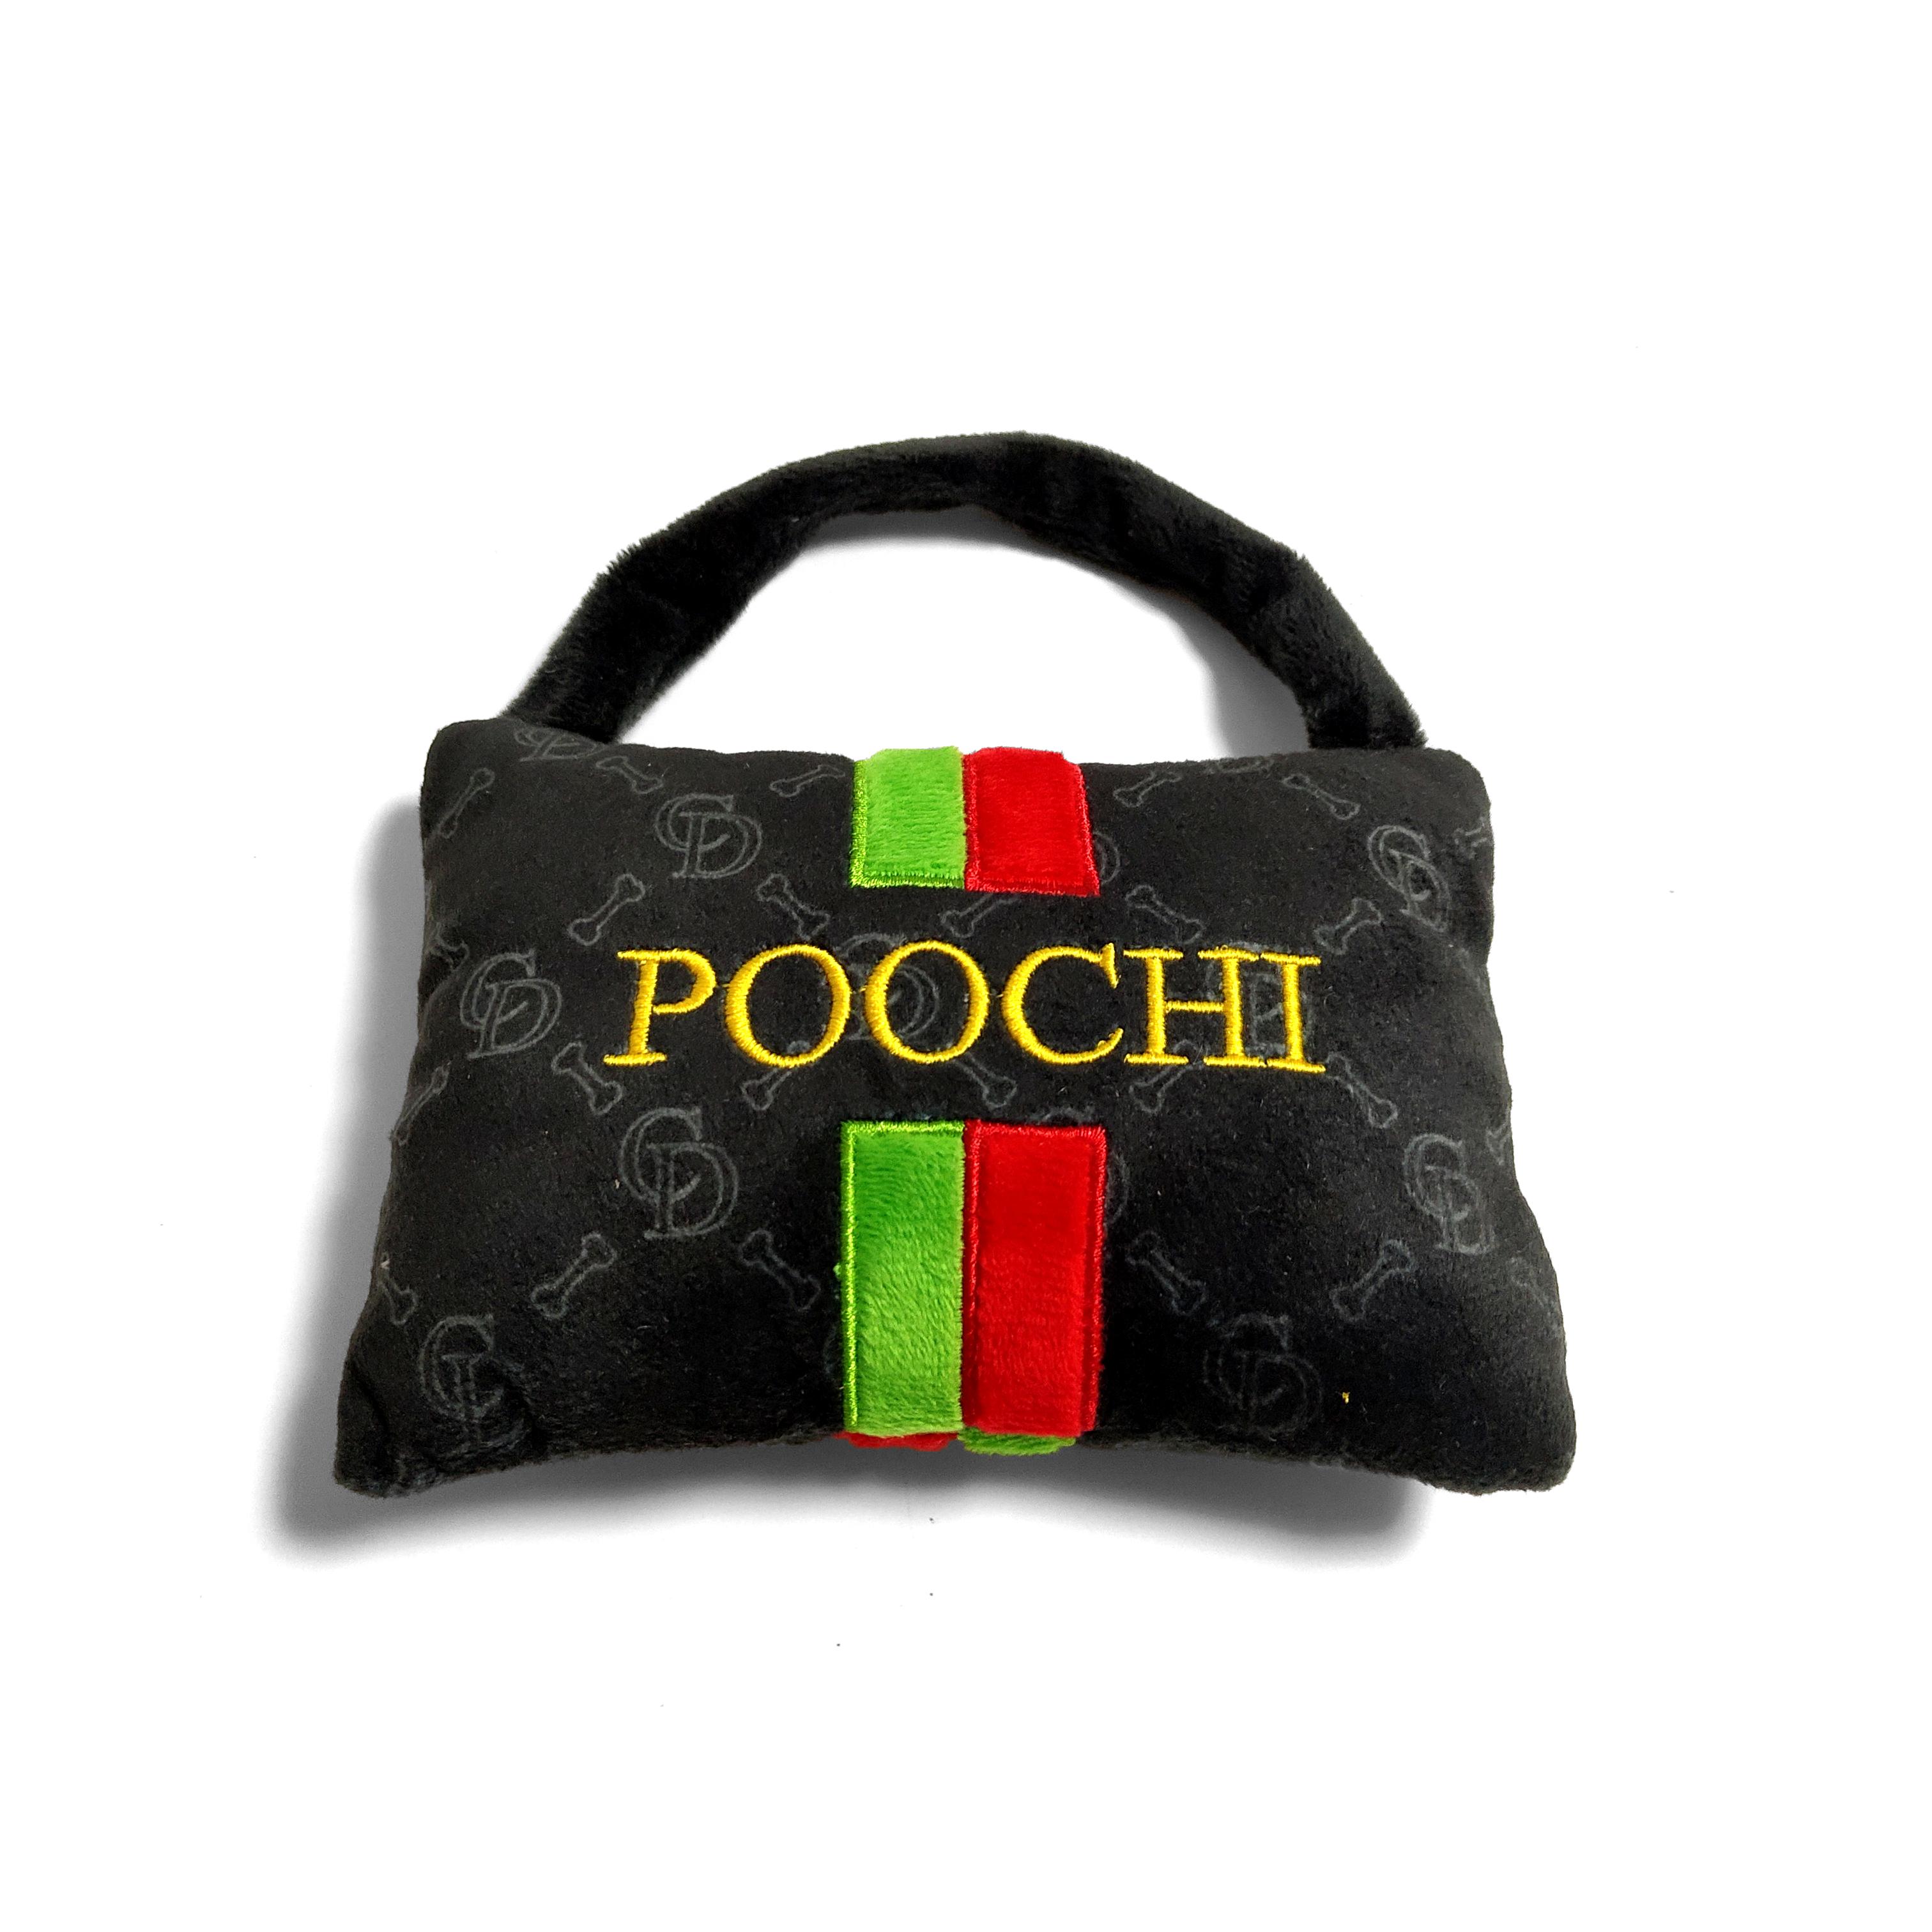 Poochi bag